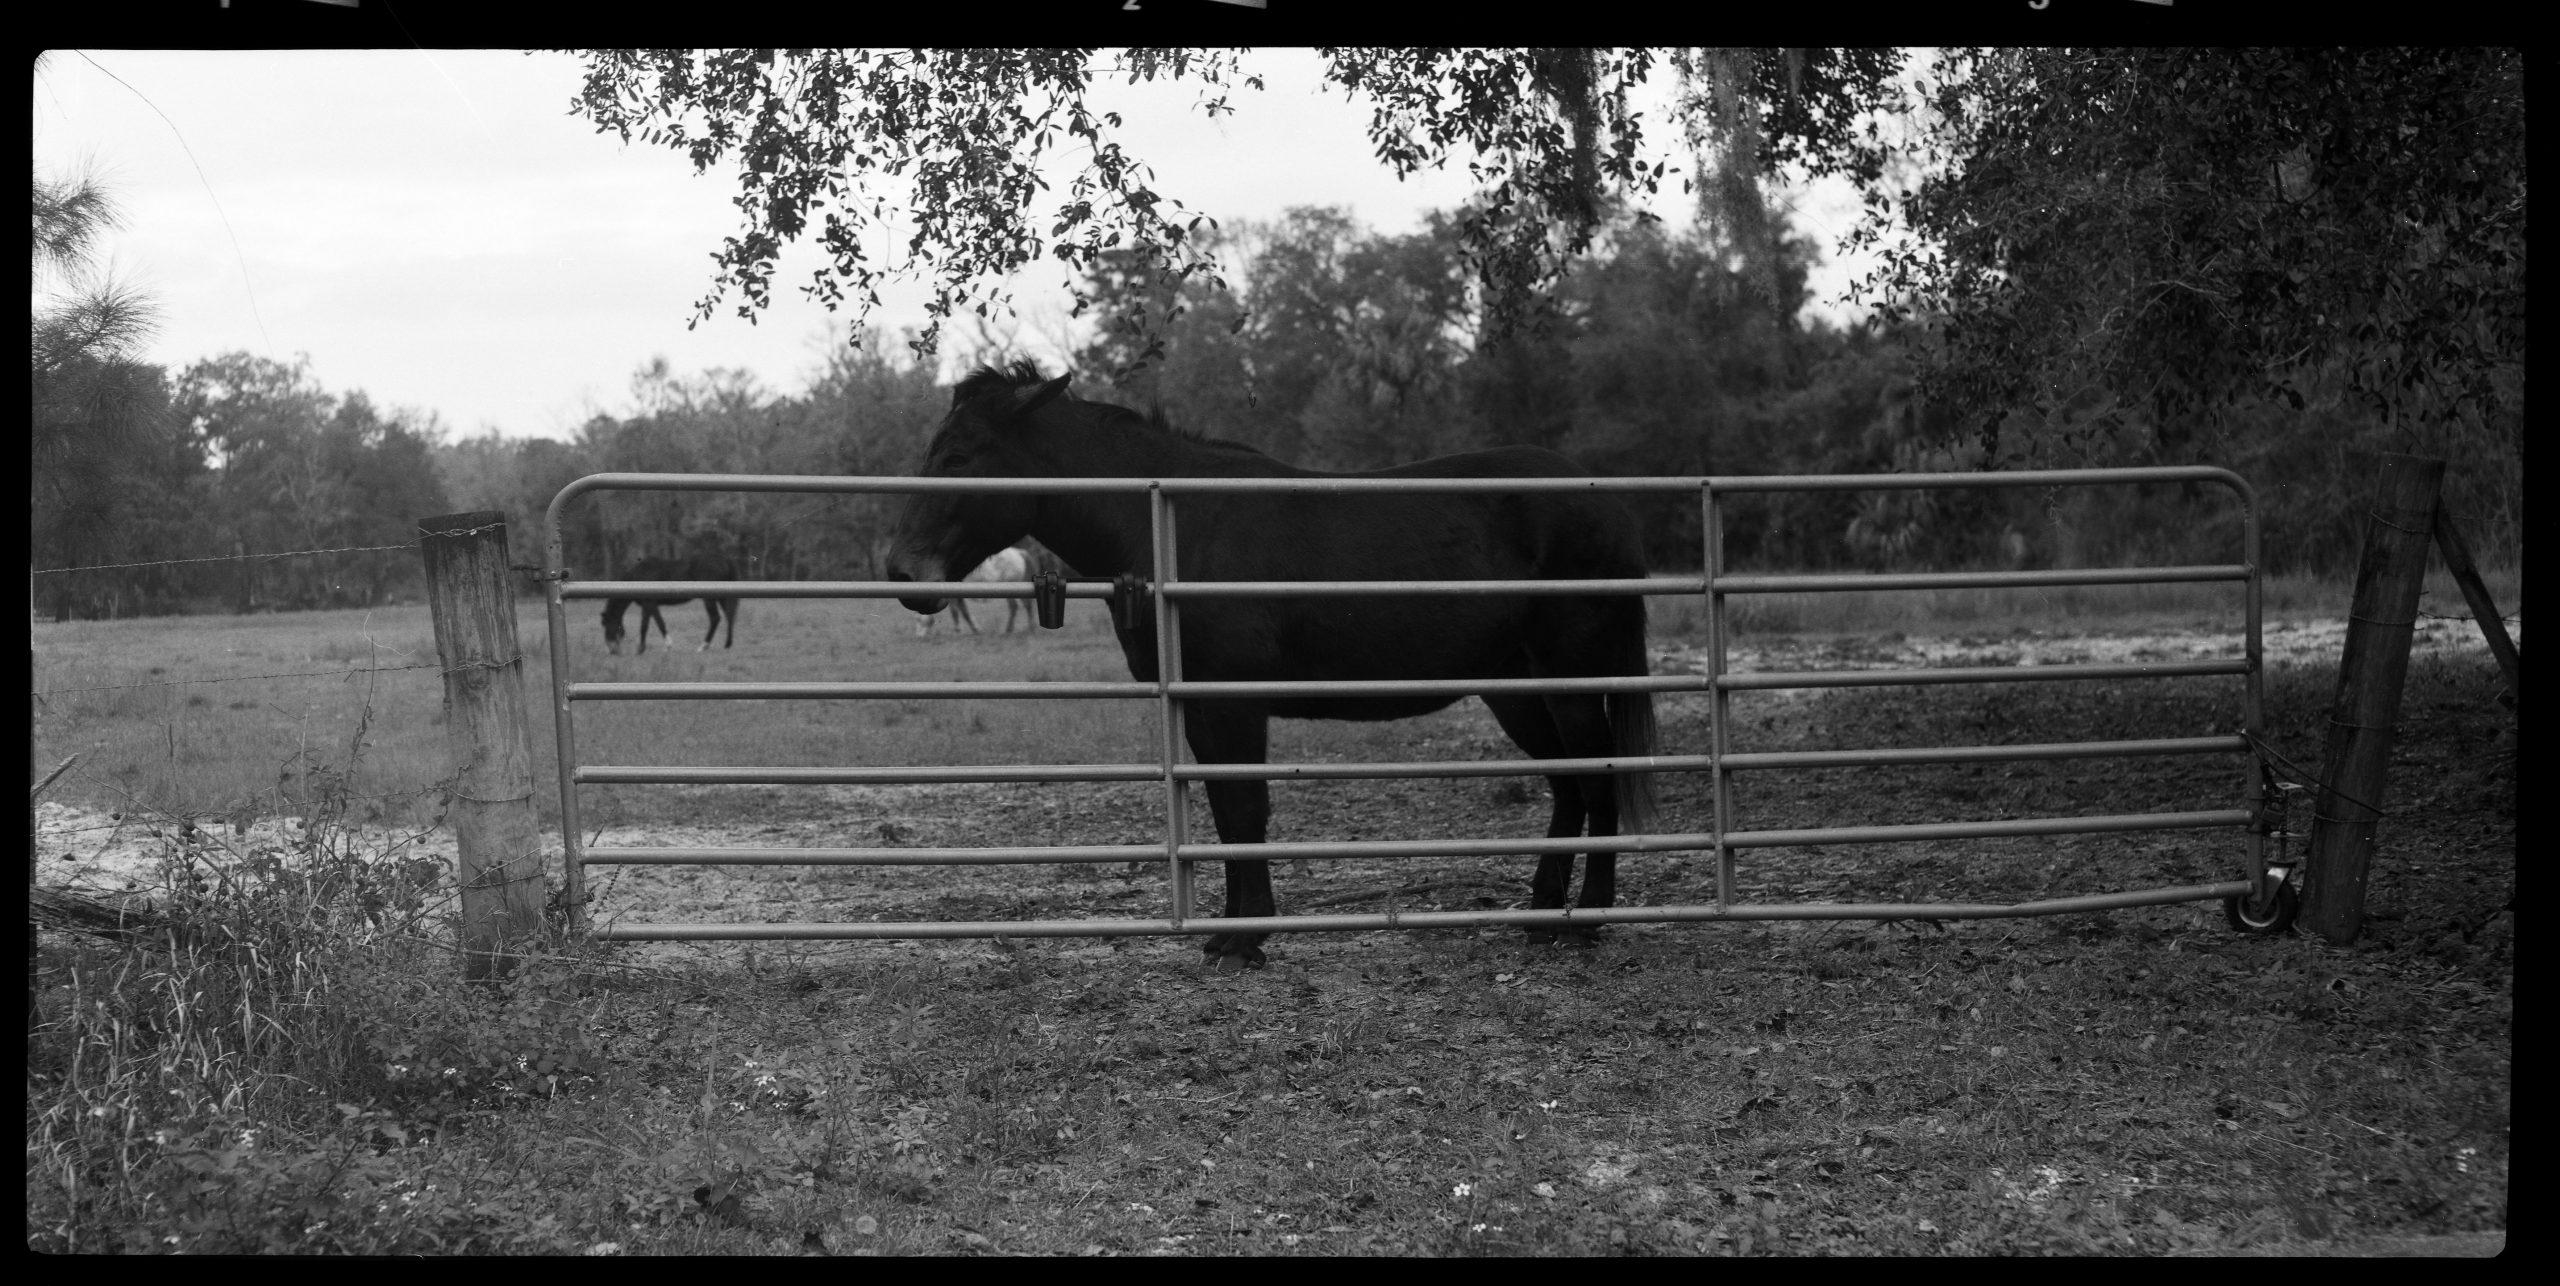 Mule in pasture